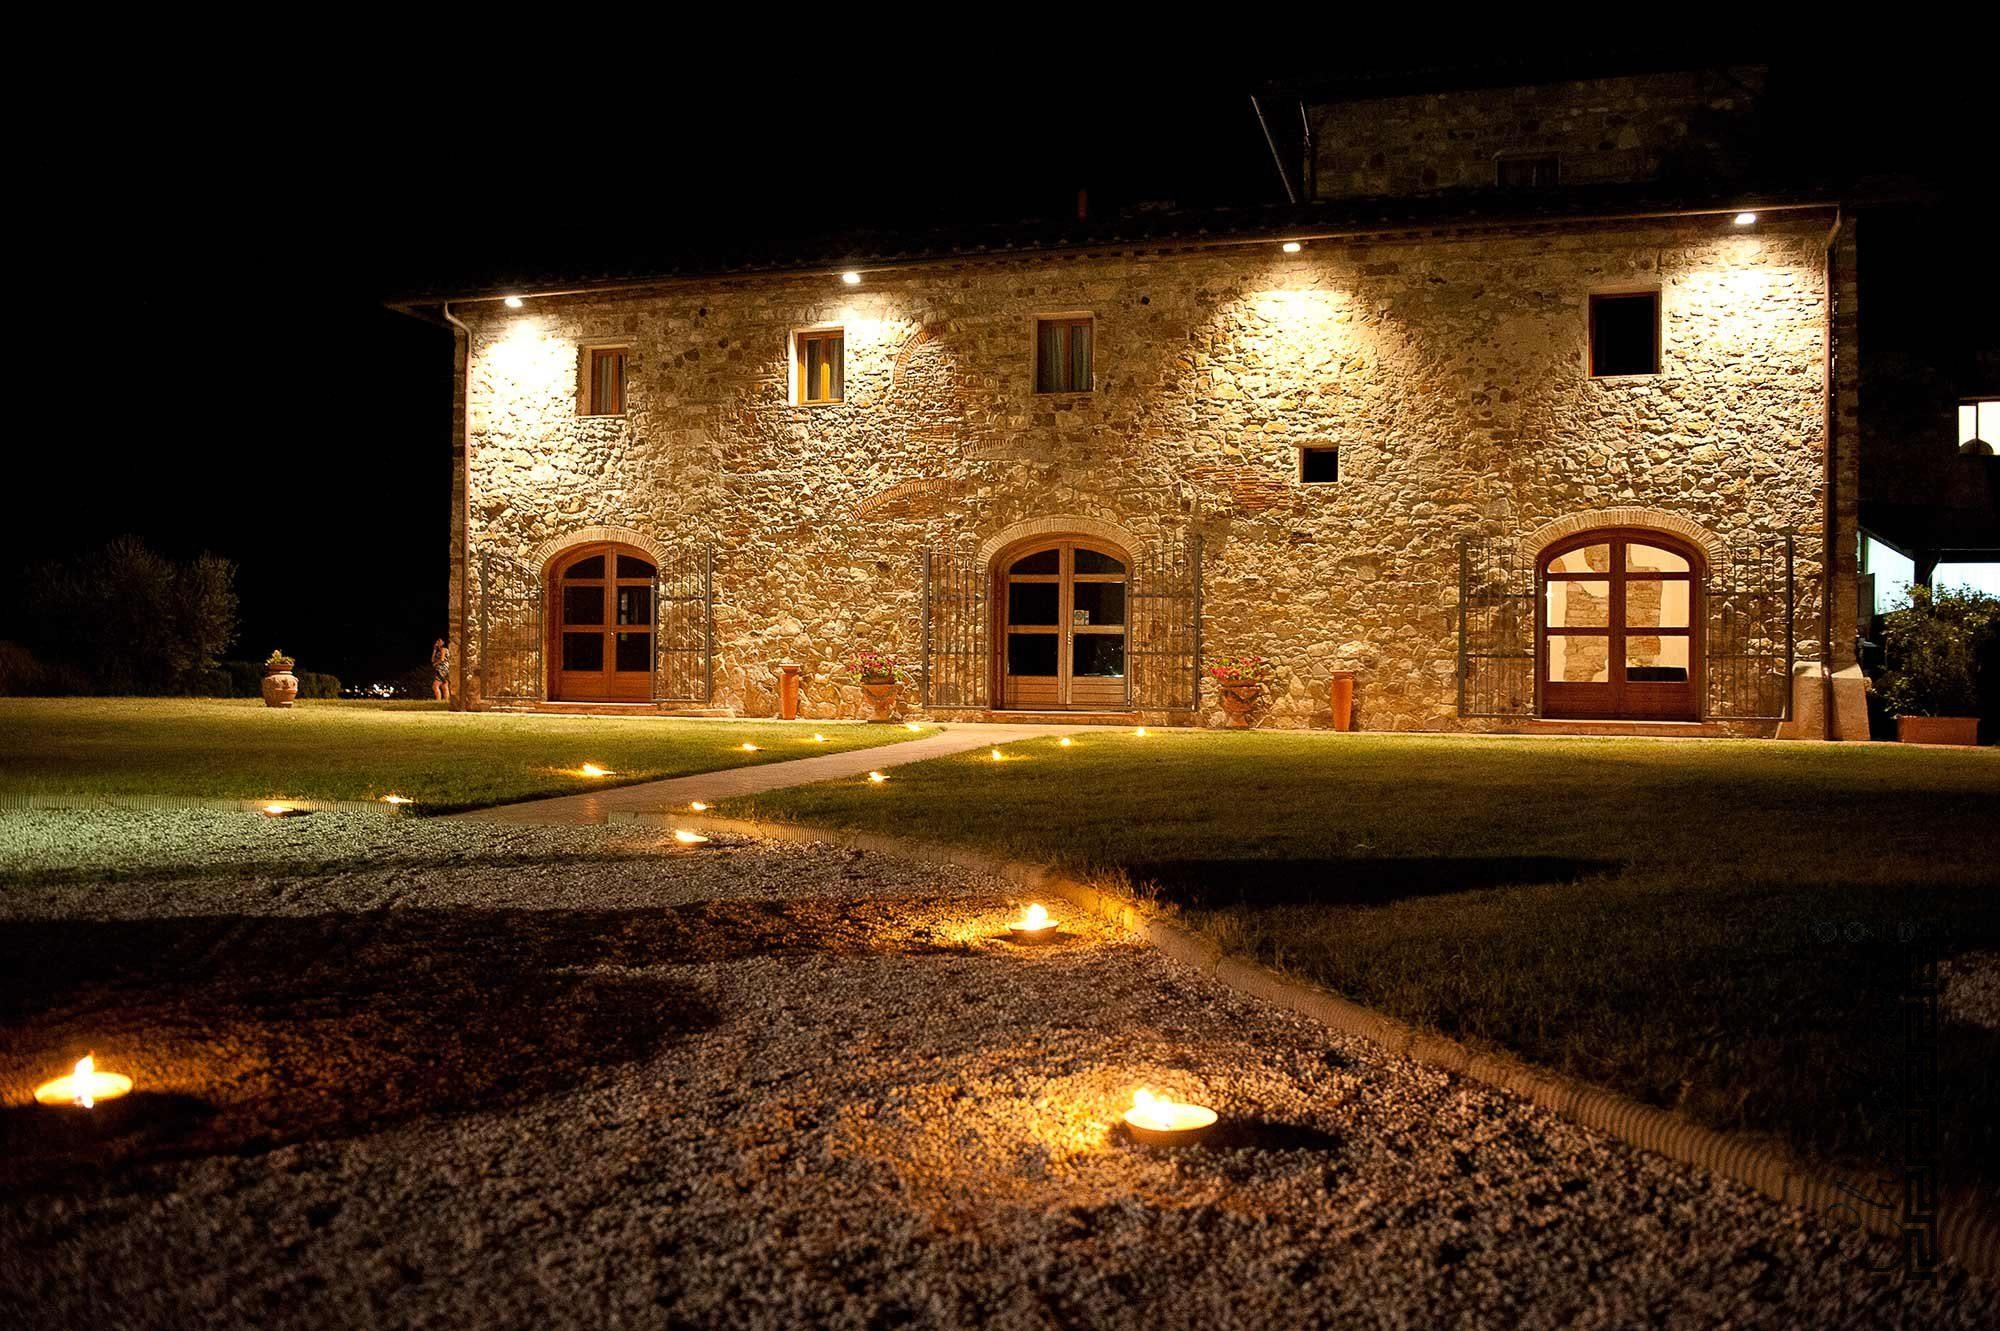 Foto a colori Villa Il Granduca a Carmignano